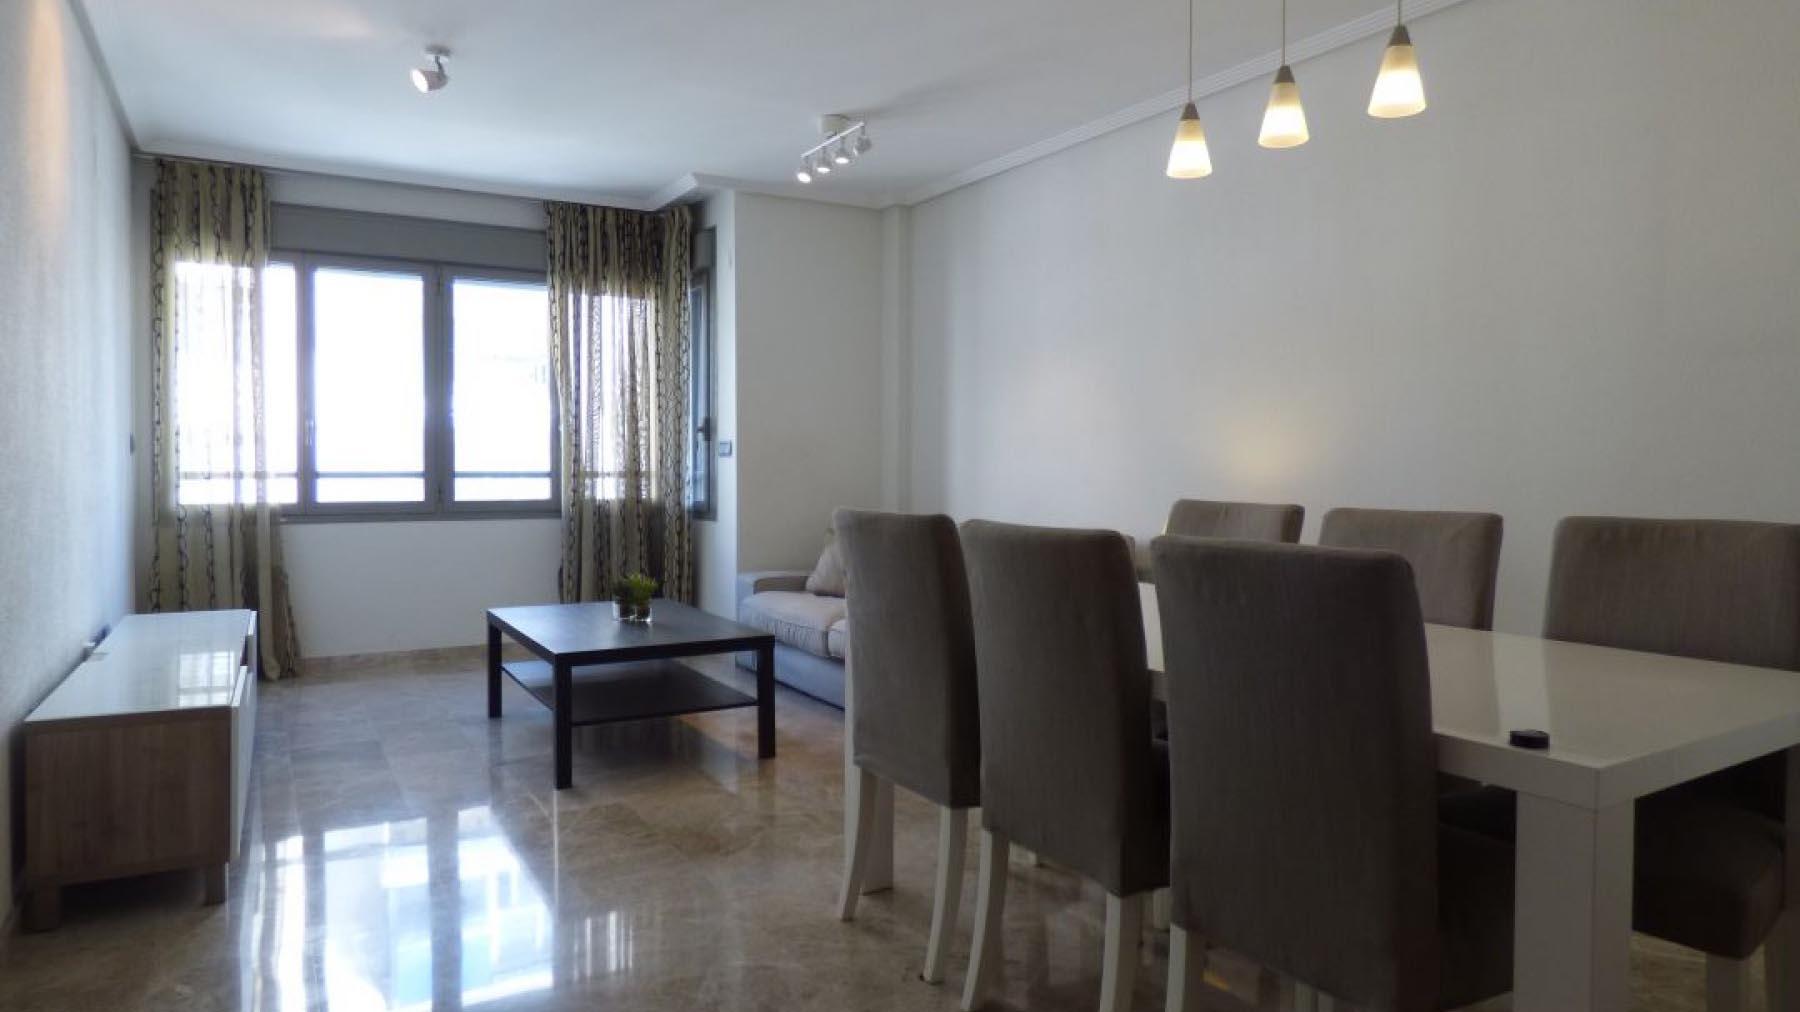 Аренда квартира в Испании в городе Аликанте 3 спальни с паркингом